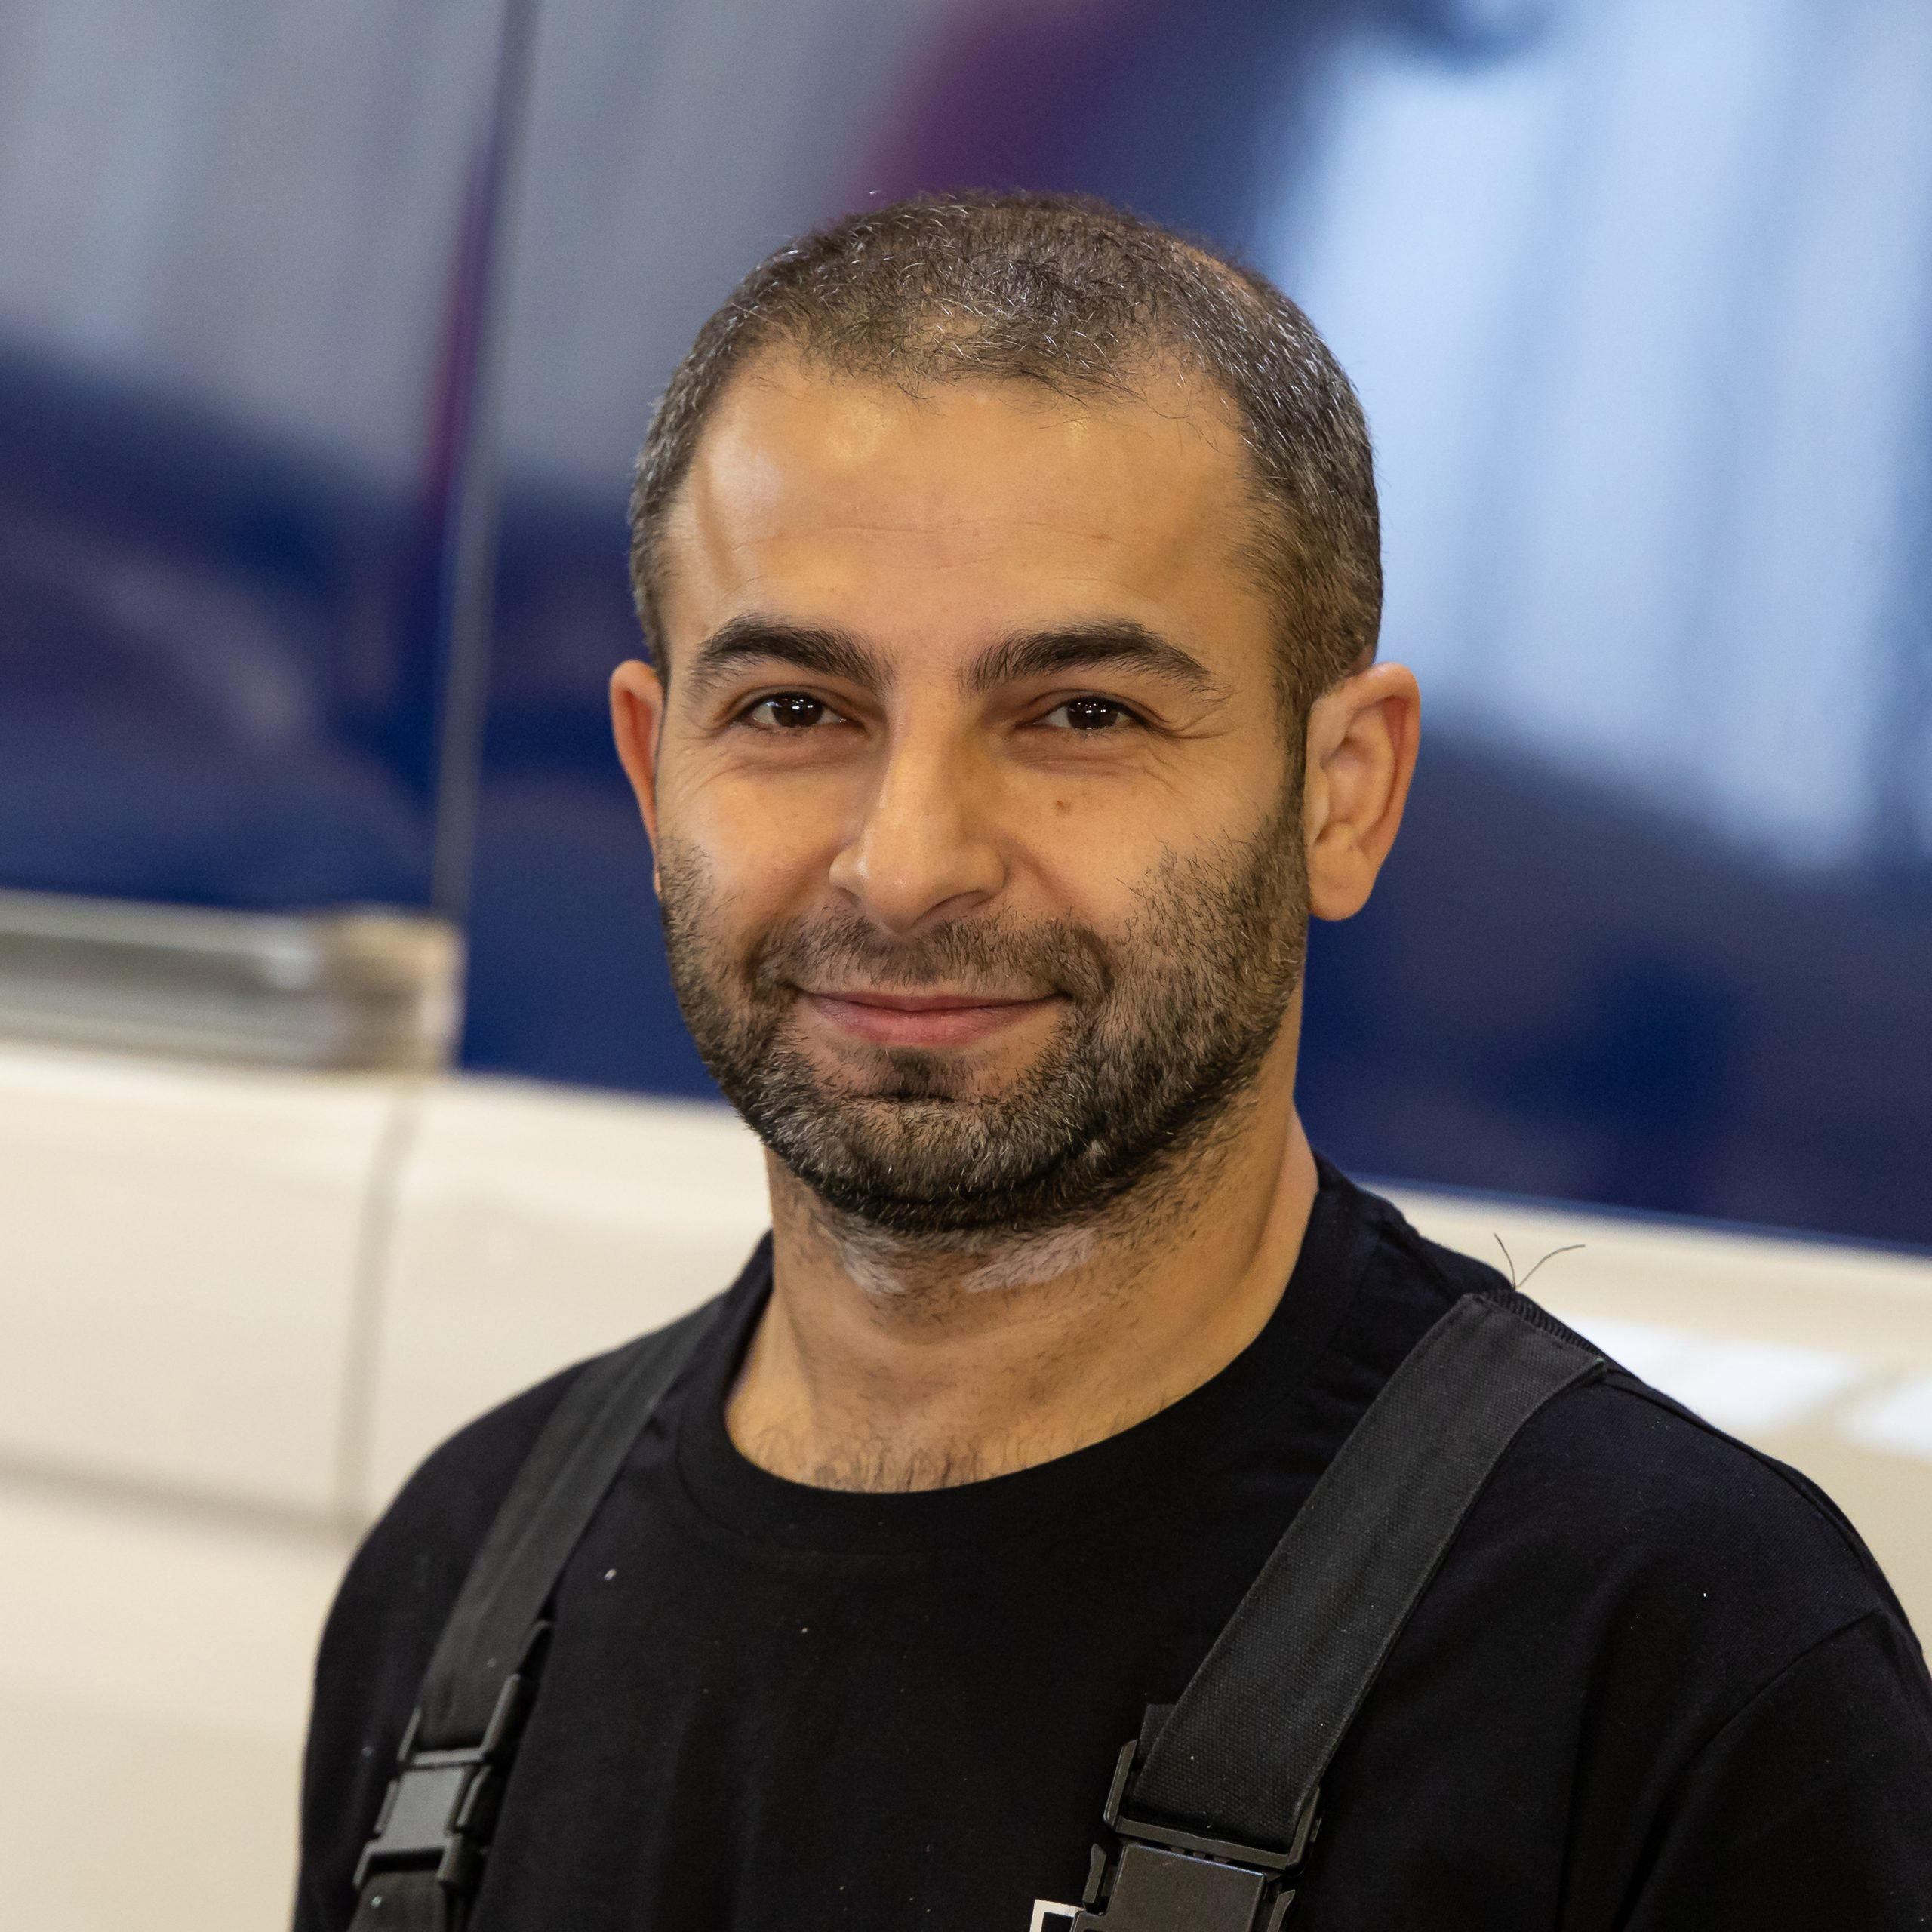 Mustafa Arslan